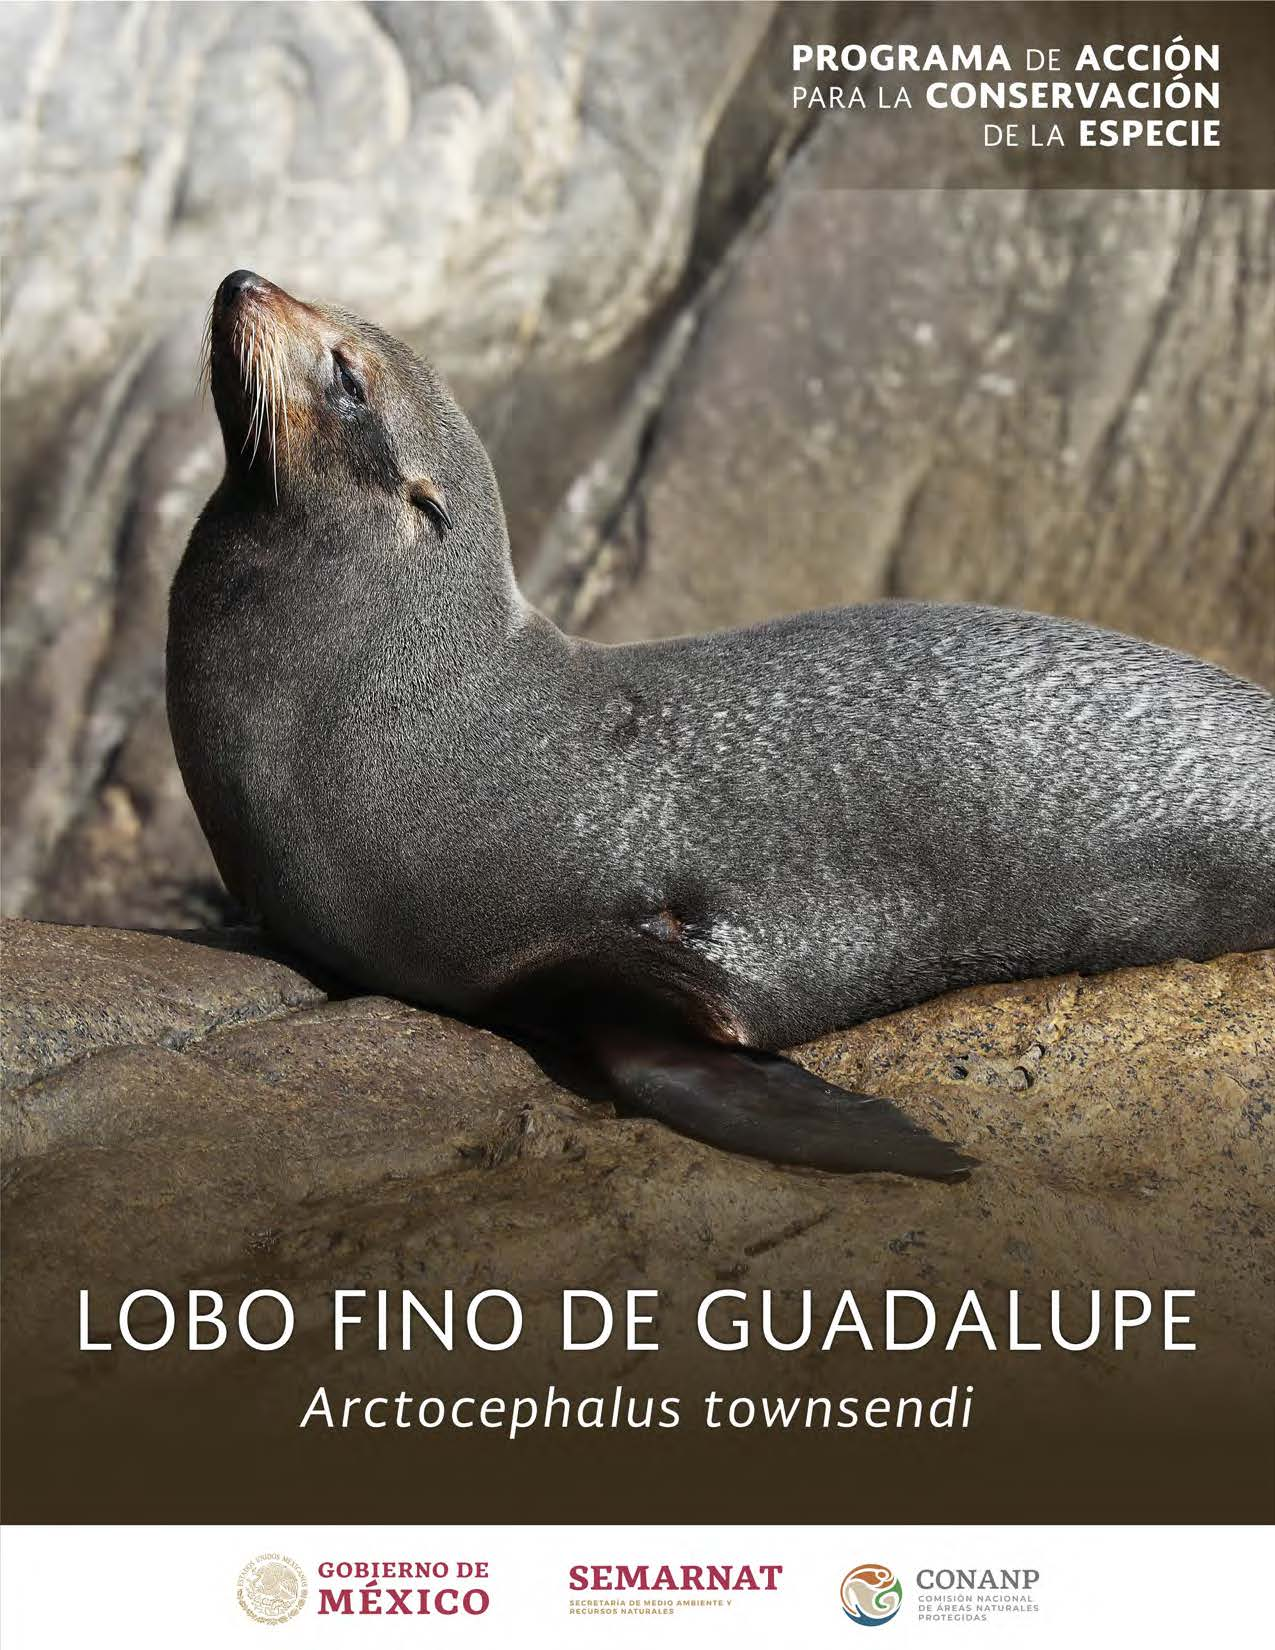 PACE: Lobo Fino de Guadalupe